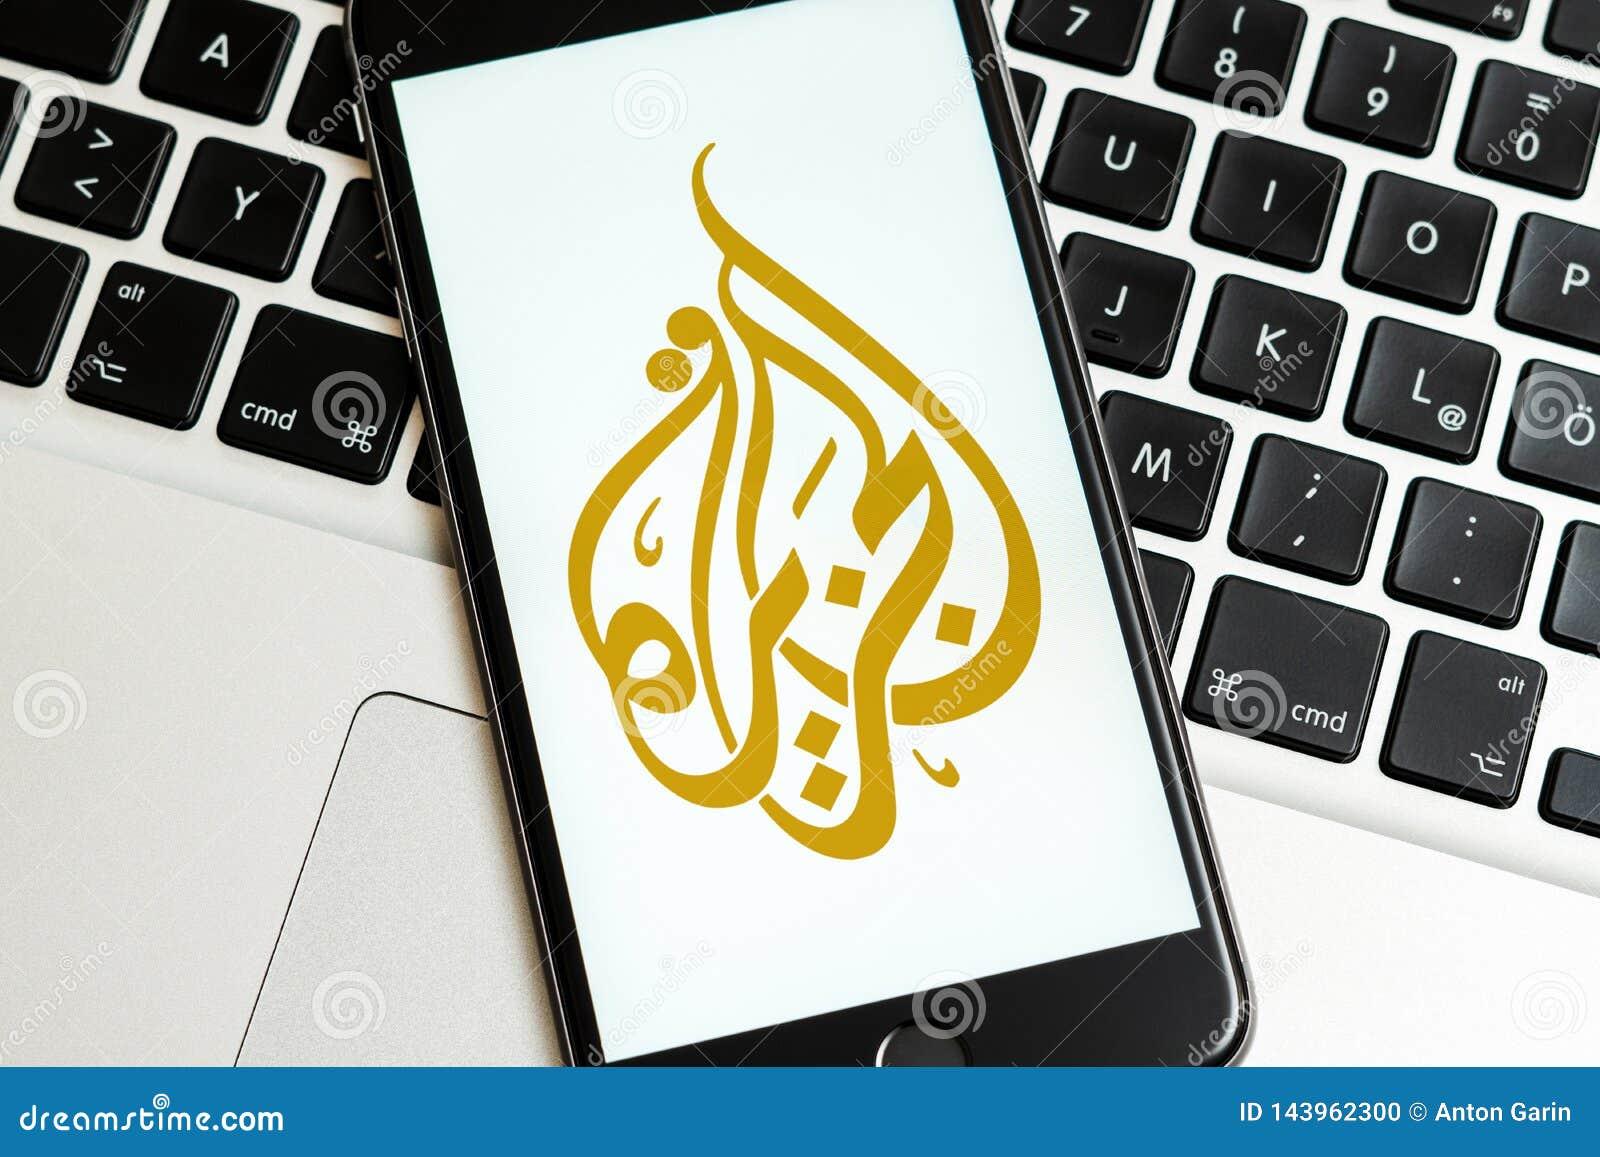 Svart telefon med logo av nyhetsmedia Al Jazeera på skärmen